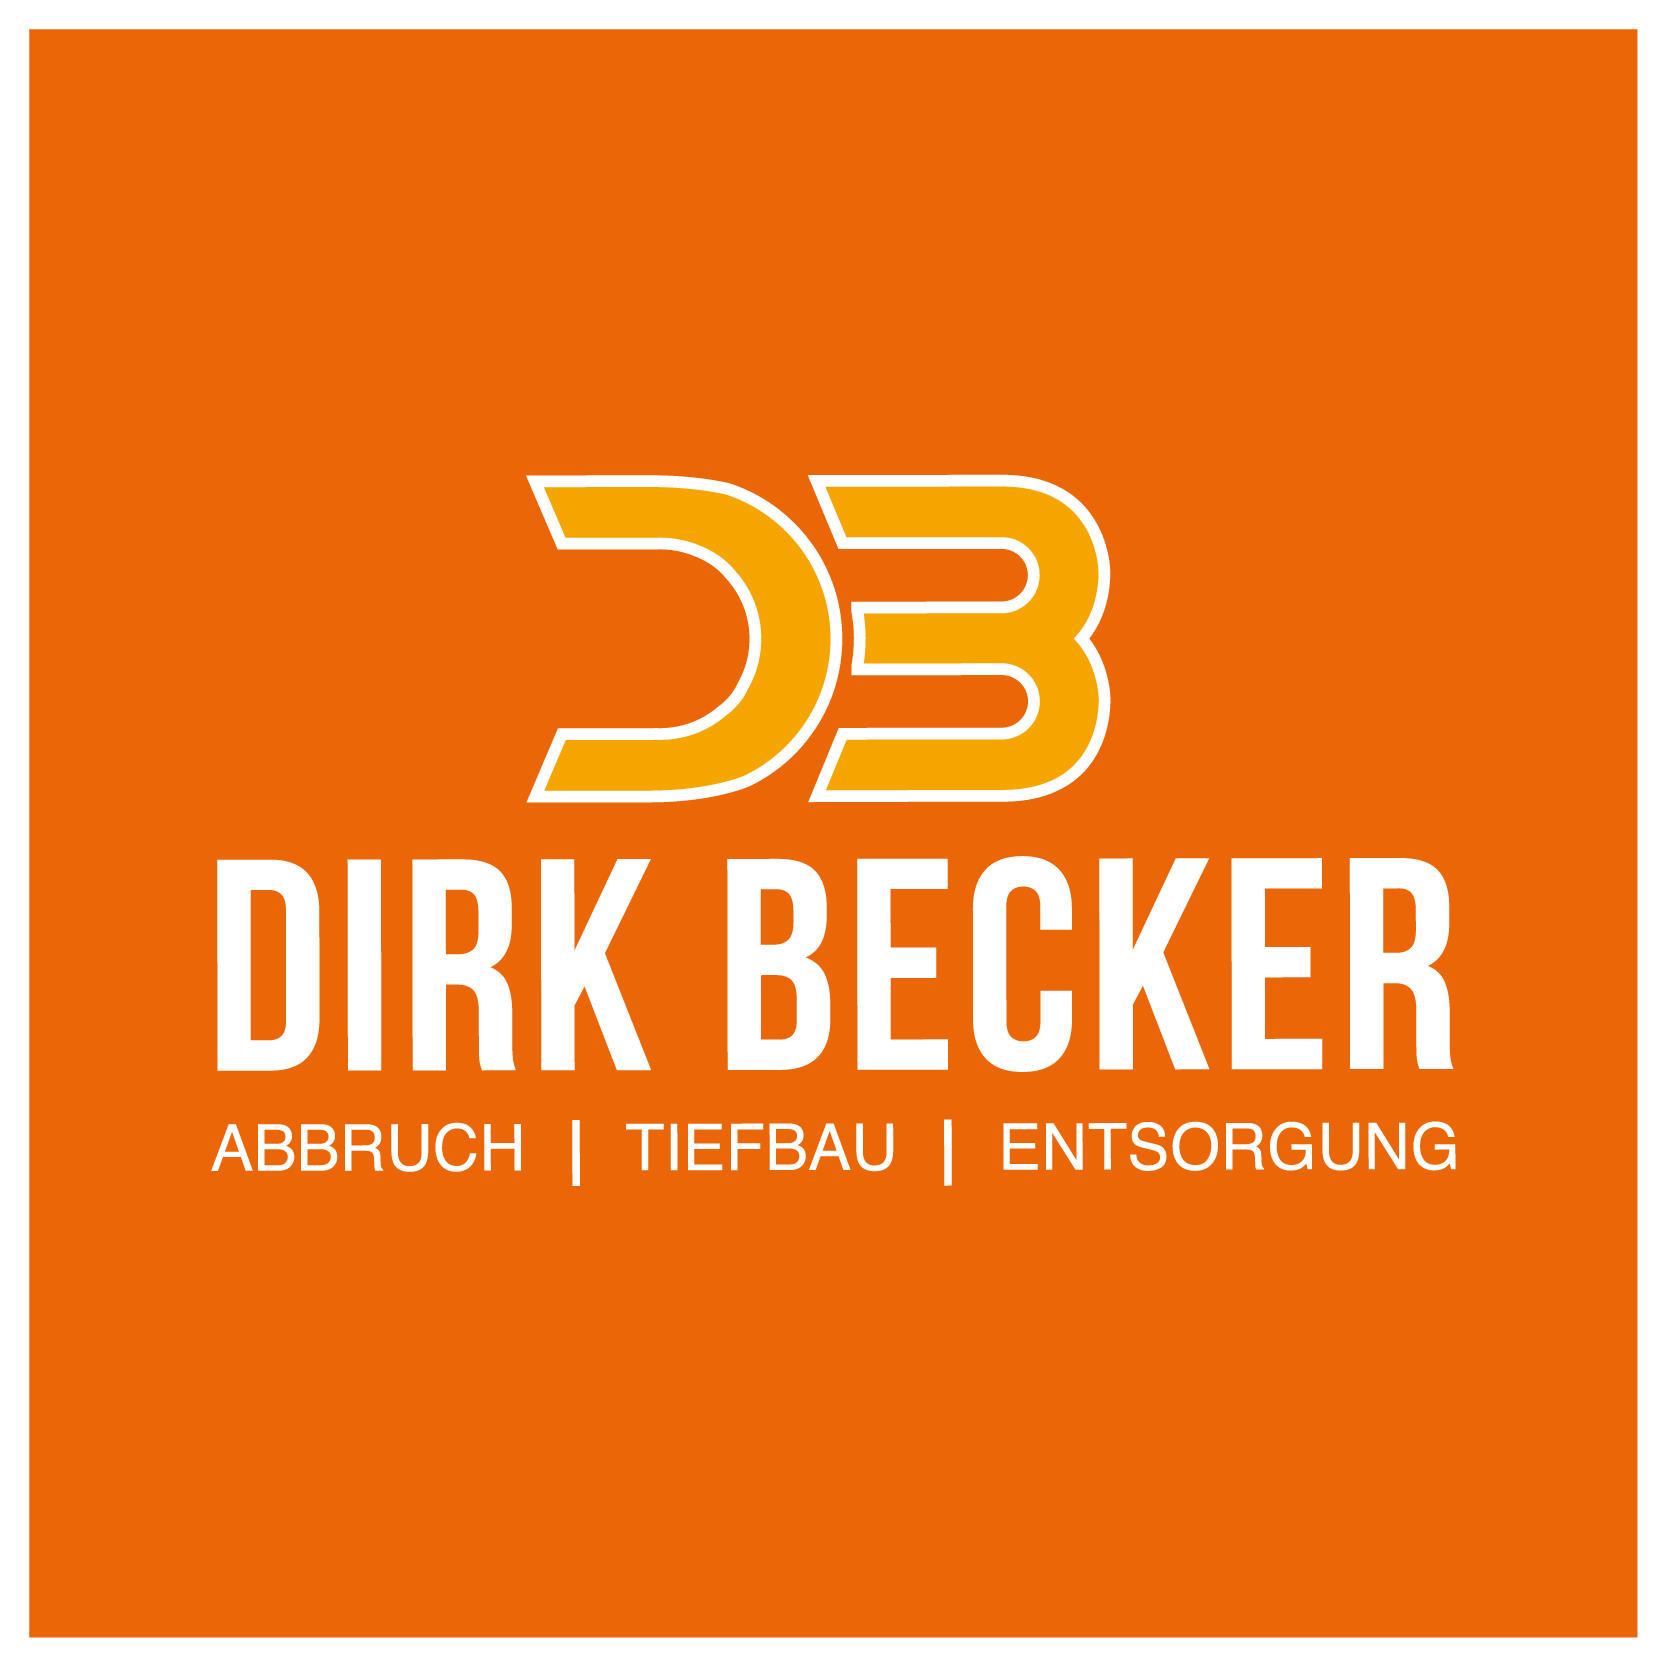 Logo von Dirk Becker. Abbruch - Tiefbau - Galabau